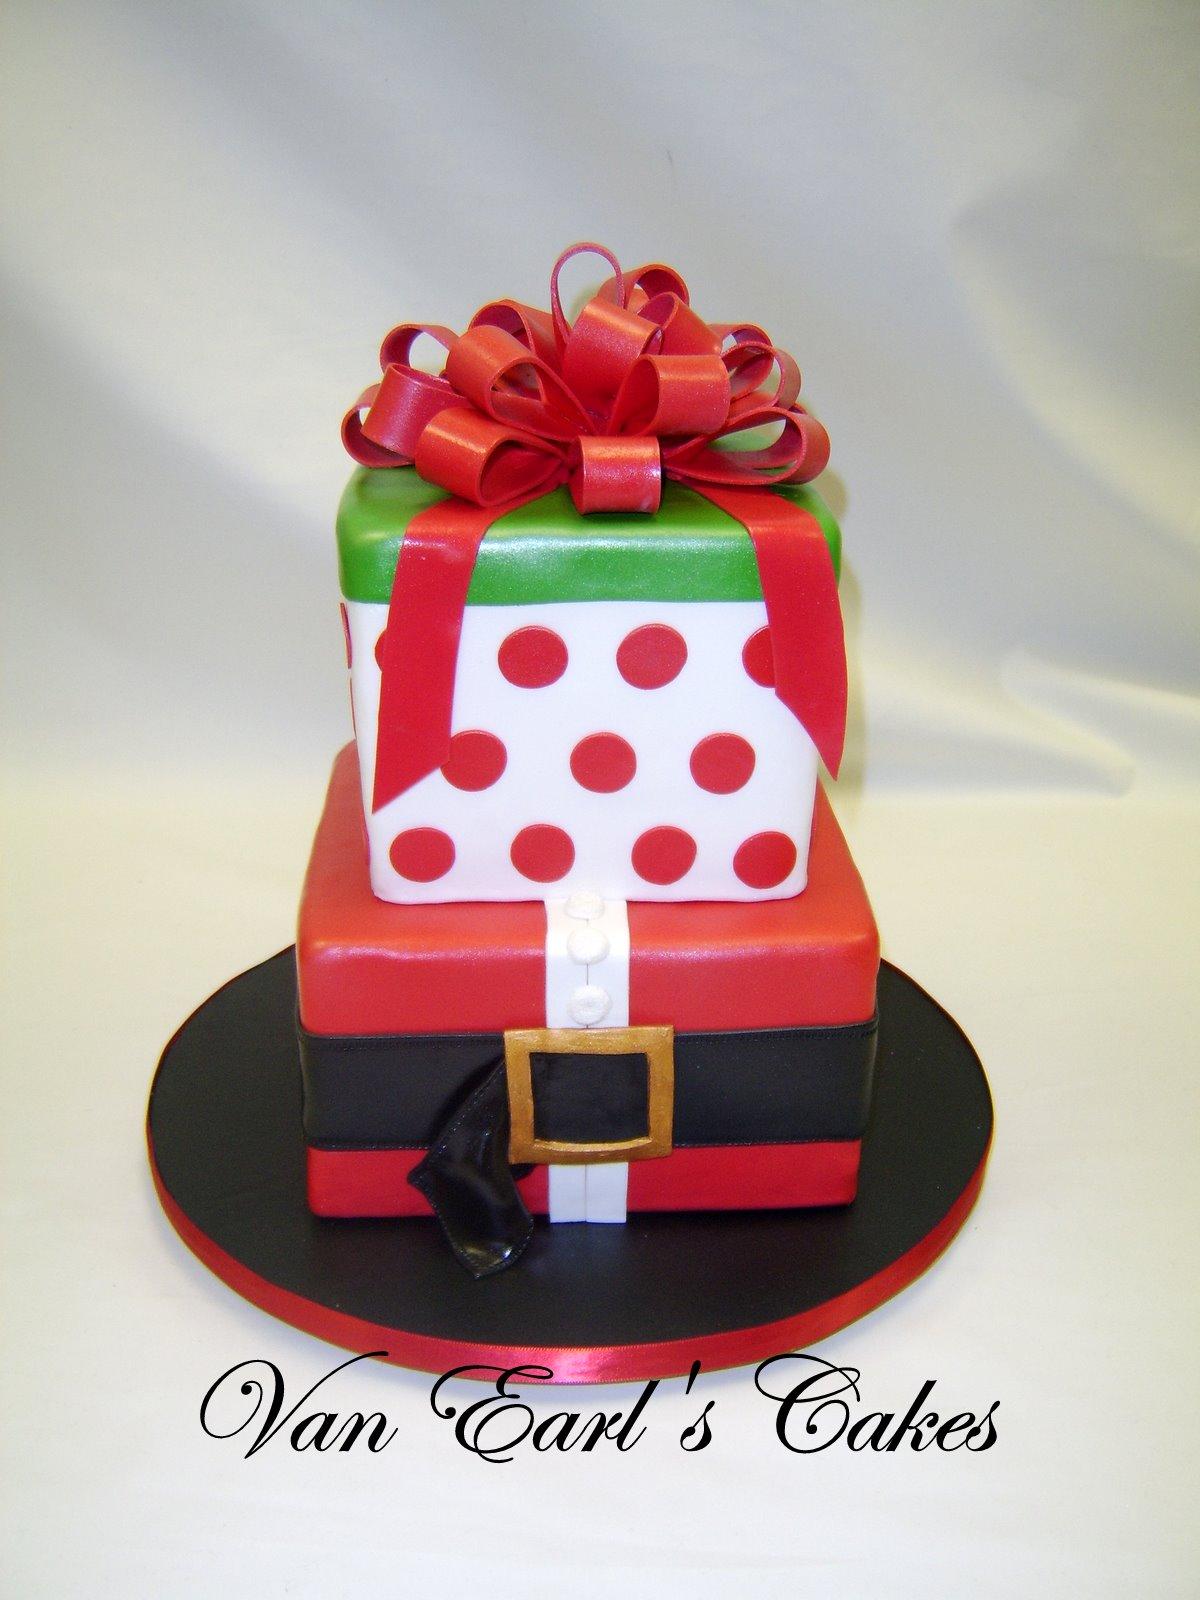 Van Earls Cakes December 2010